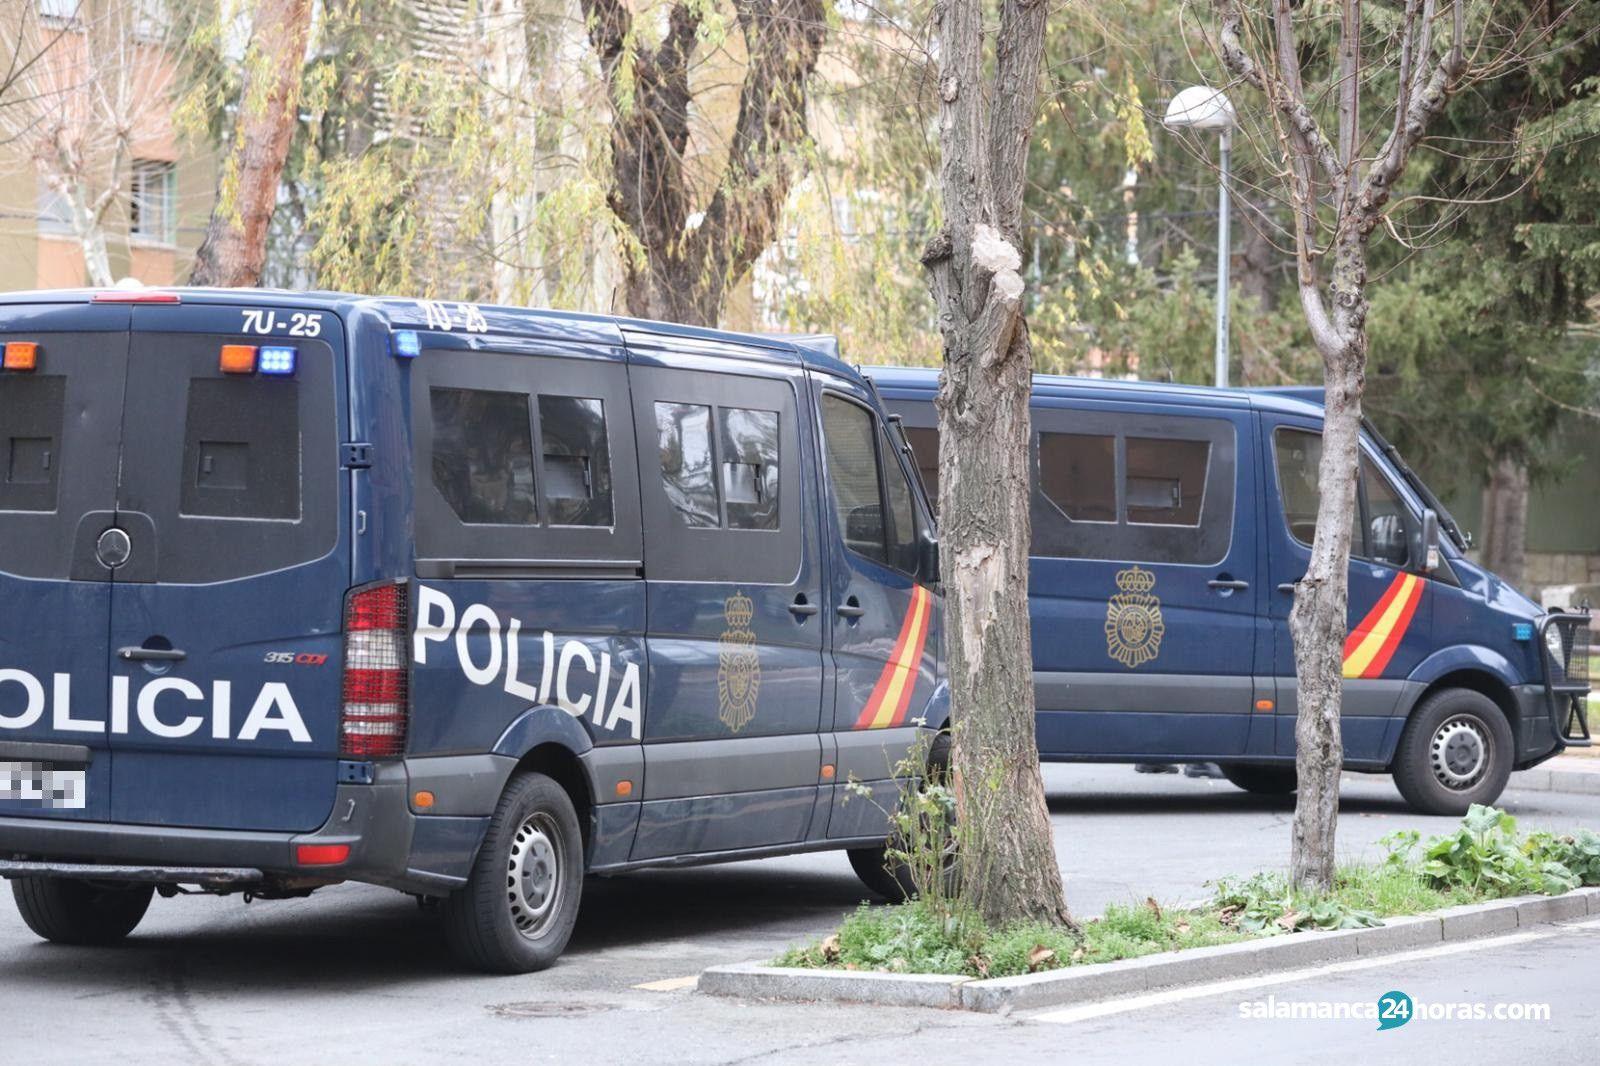 Policía San José Policía en San José registros (5)